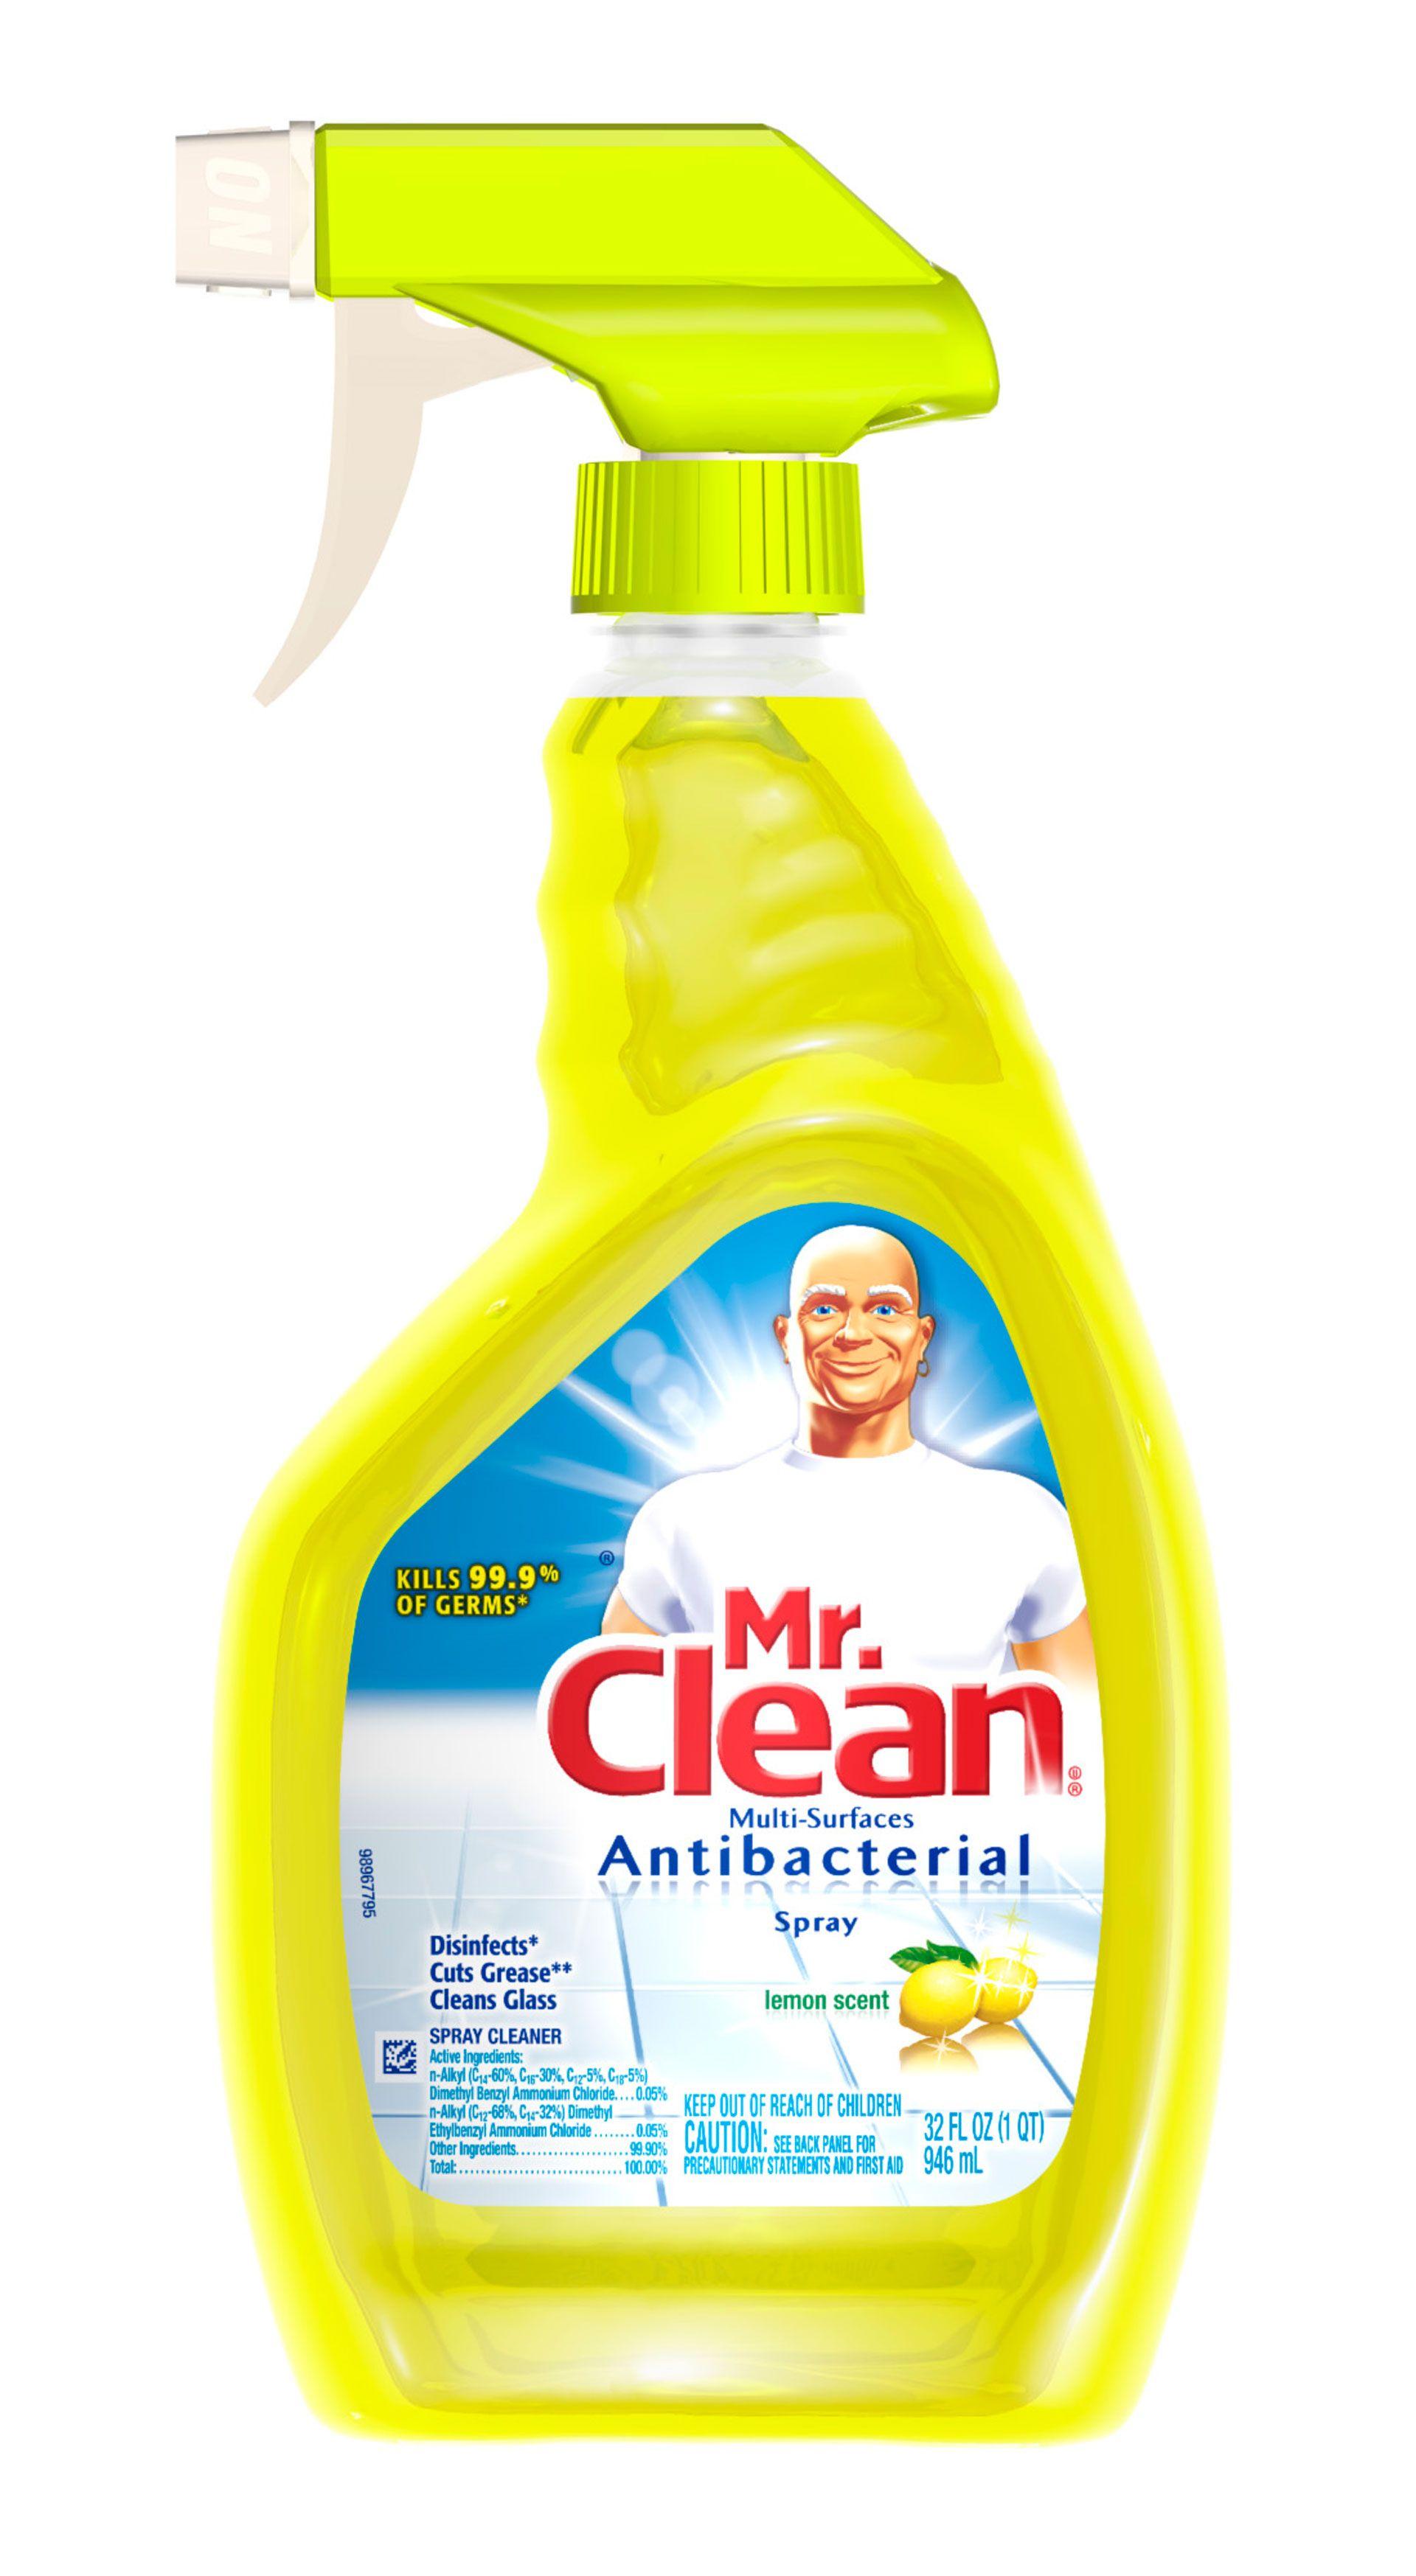 mr clean multi surfaces antibacterial